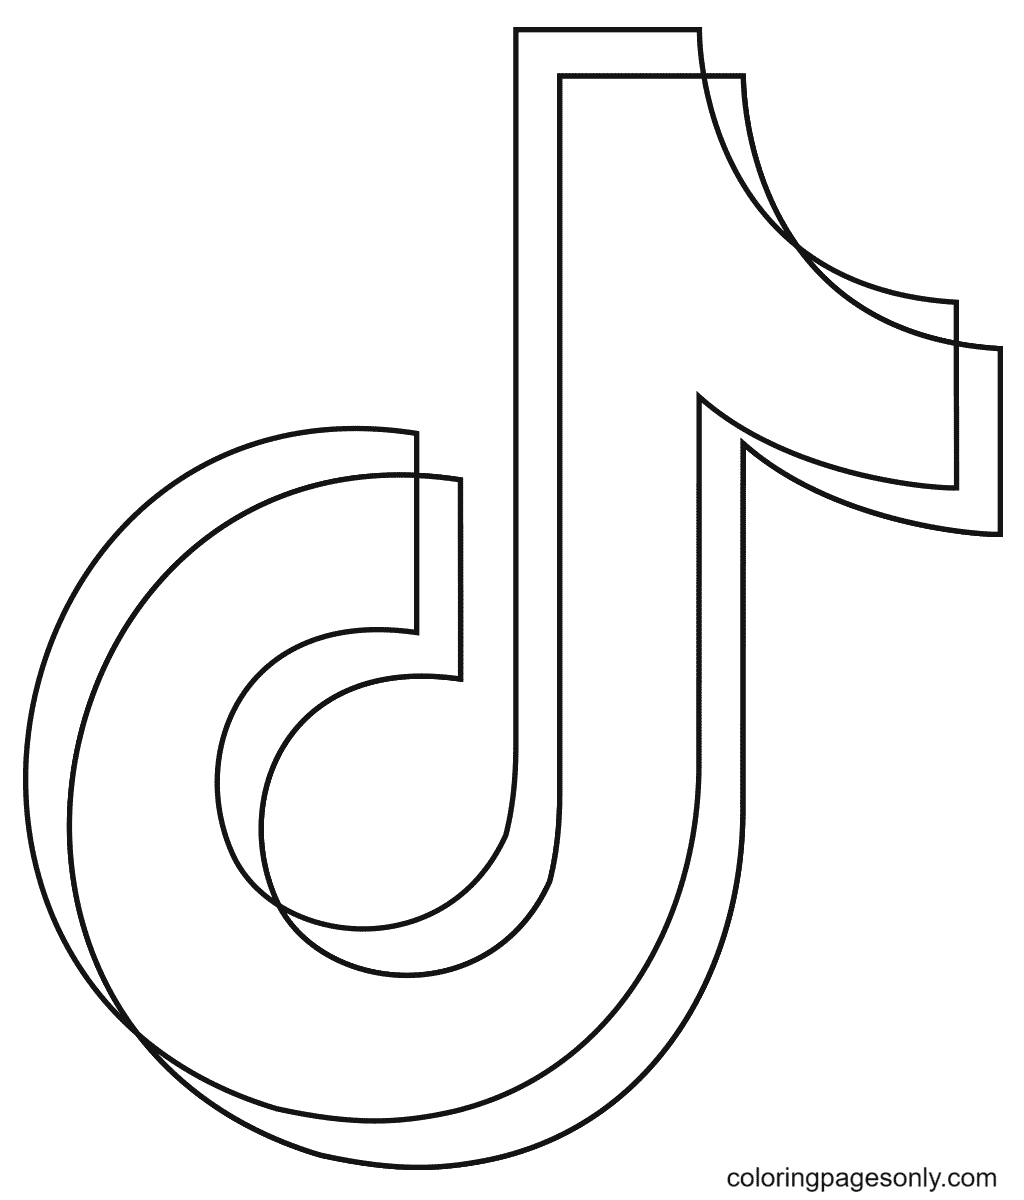 TikTok Logo Coloring Page